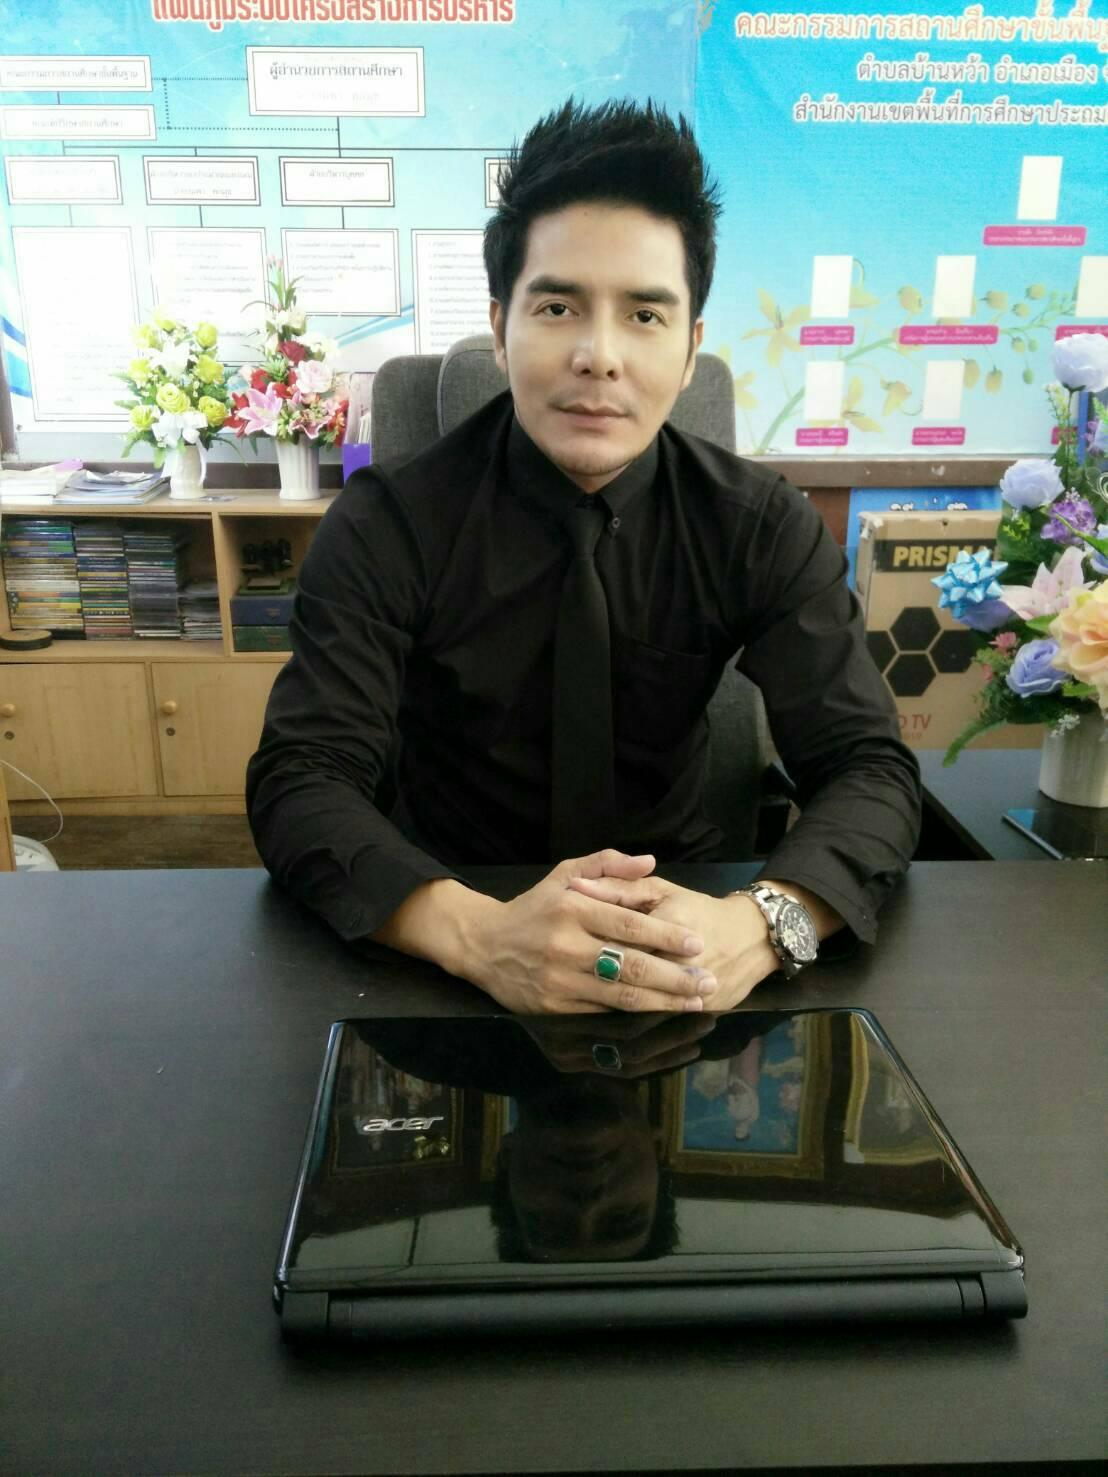 ดร.พิสิฐธวัฒน์ กลิ่นไธสงค์                      ผู้อำนวยการโรงเรียนบ้านหนองคู                      0956487979